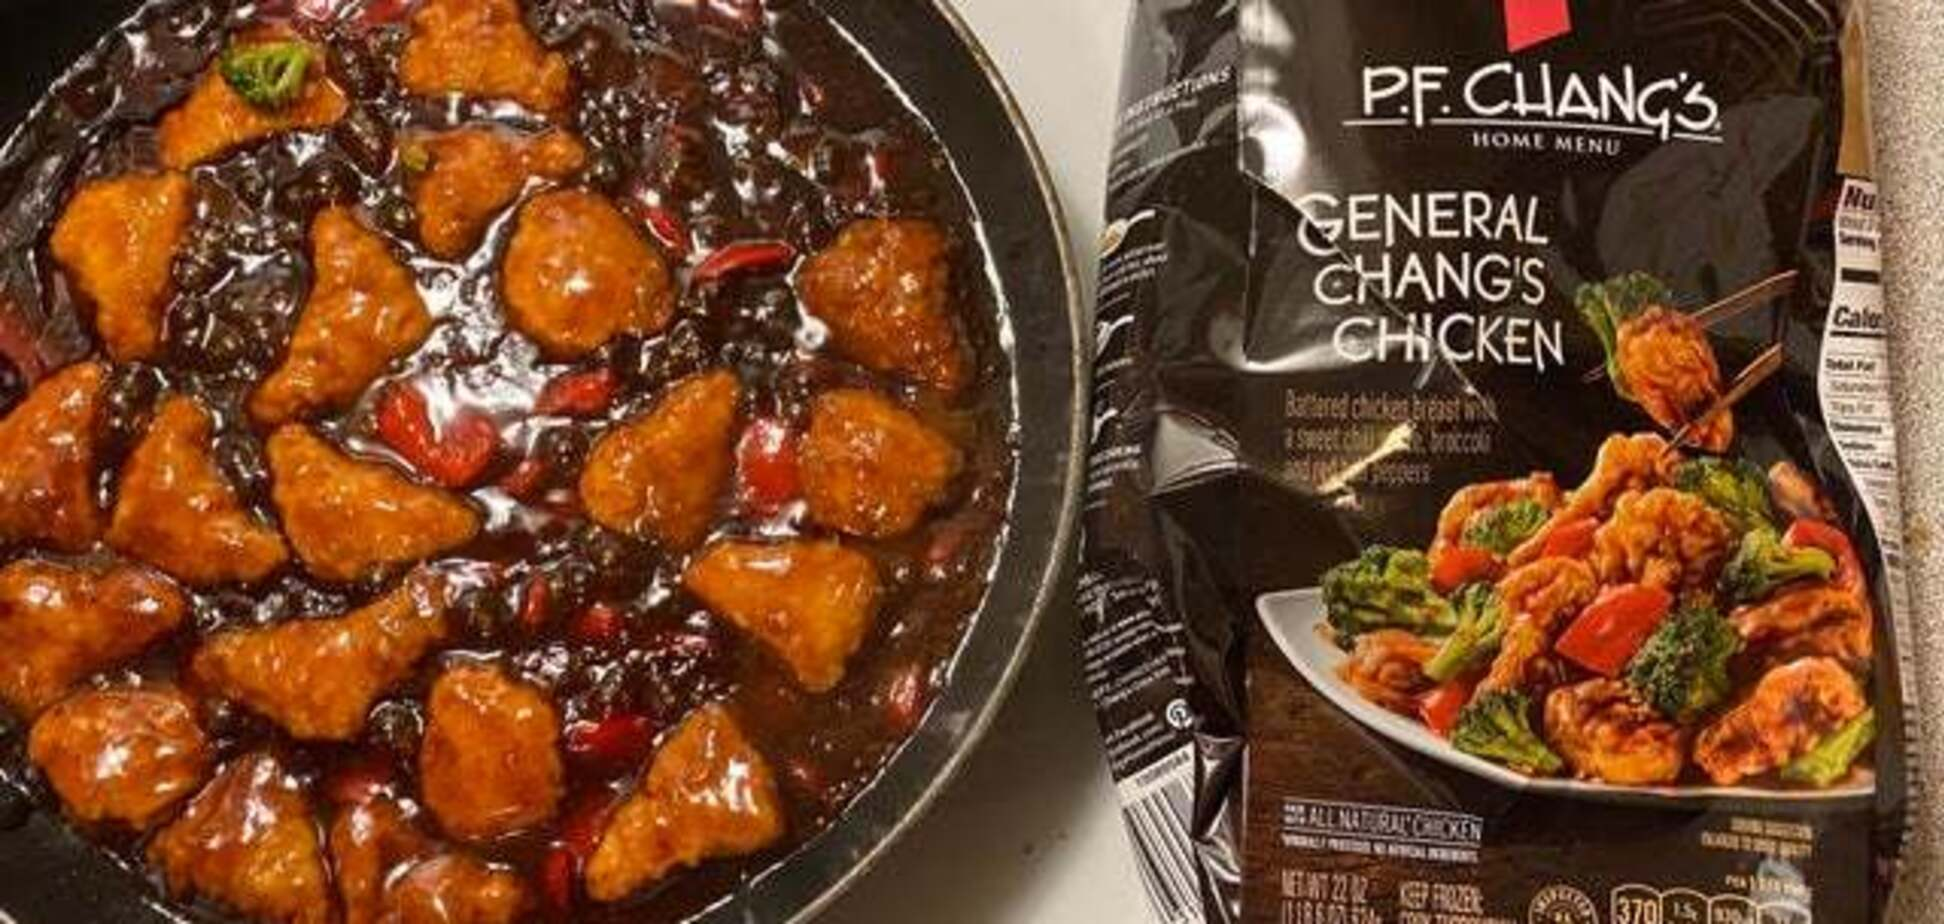 Ожидание и реальность: как выглядит еда на упаковке и на самом деле